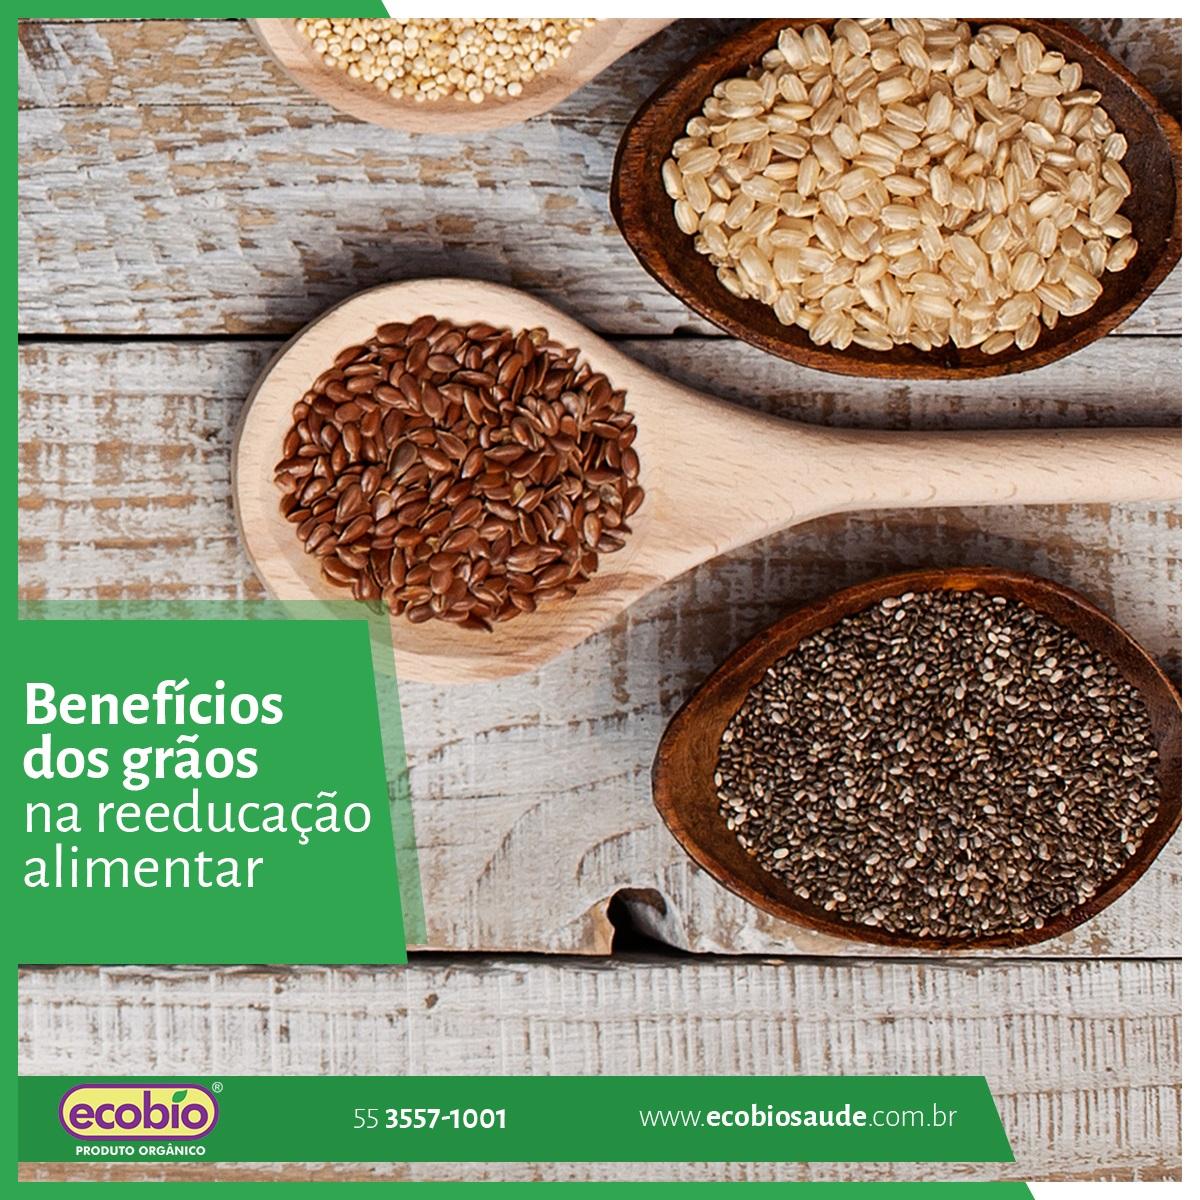 Benefícios dos grãos na reeducação alimentar